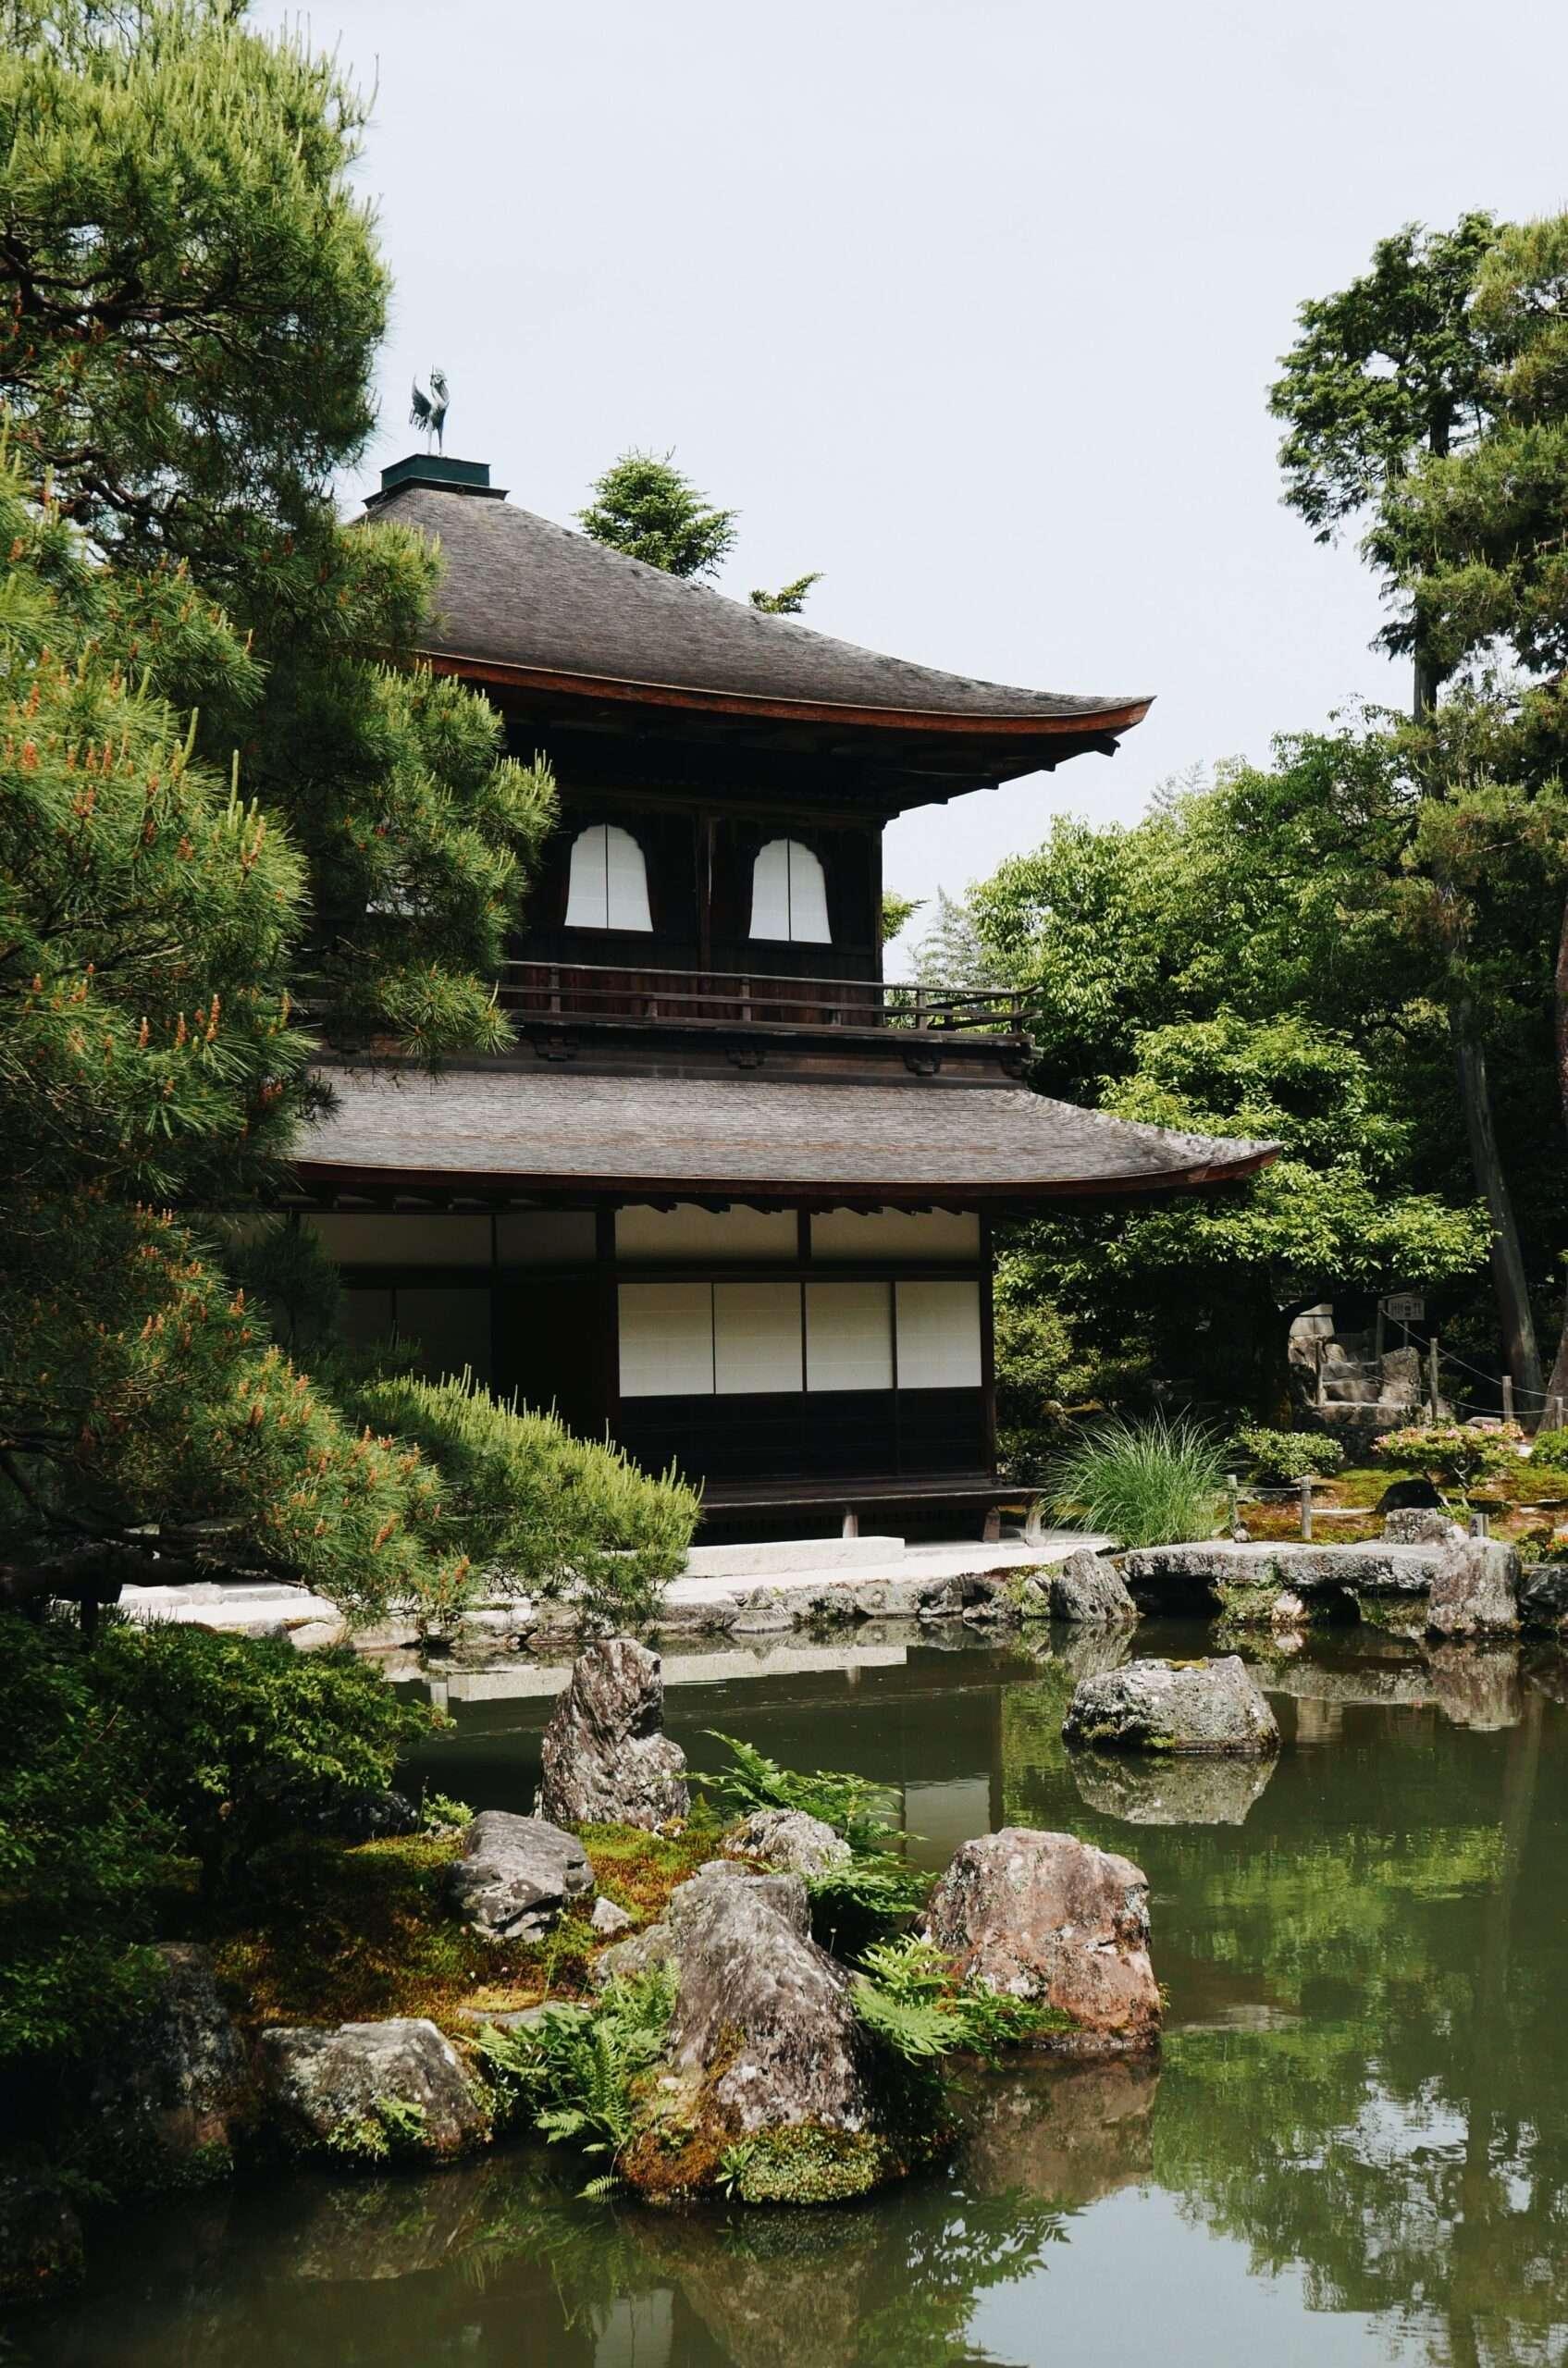 Ginkaku-ji Shrine and gardens in Kyoto